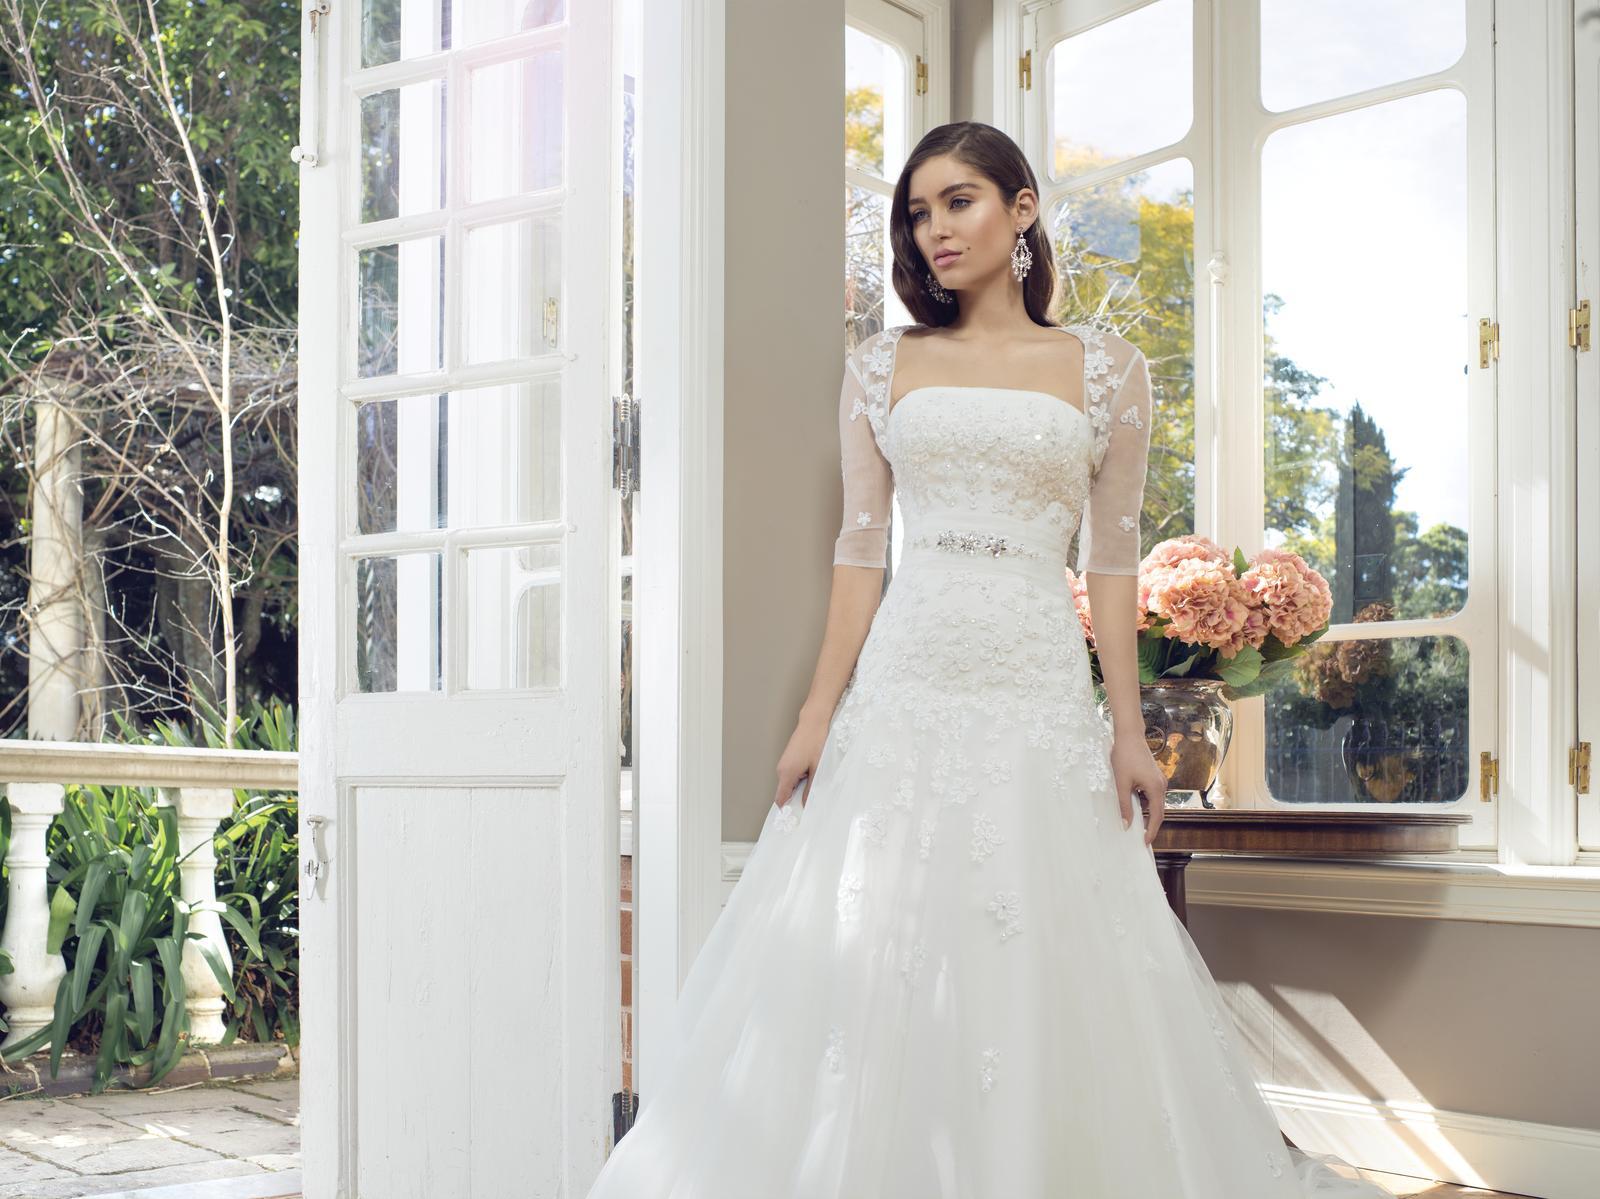 Svatební šaty Mia Solano M1418L - Obrázek č. 1